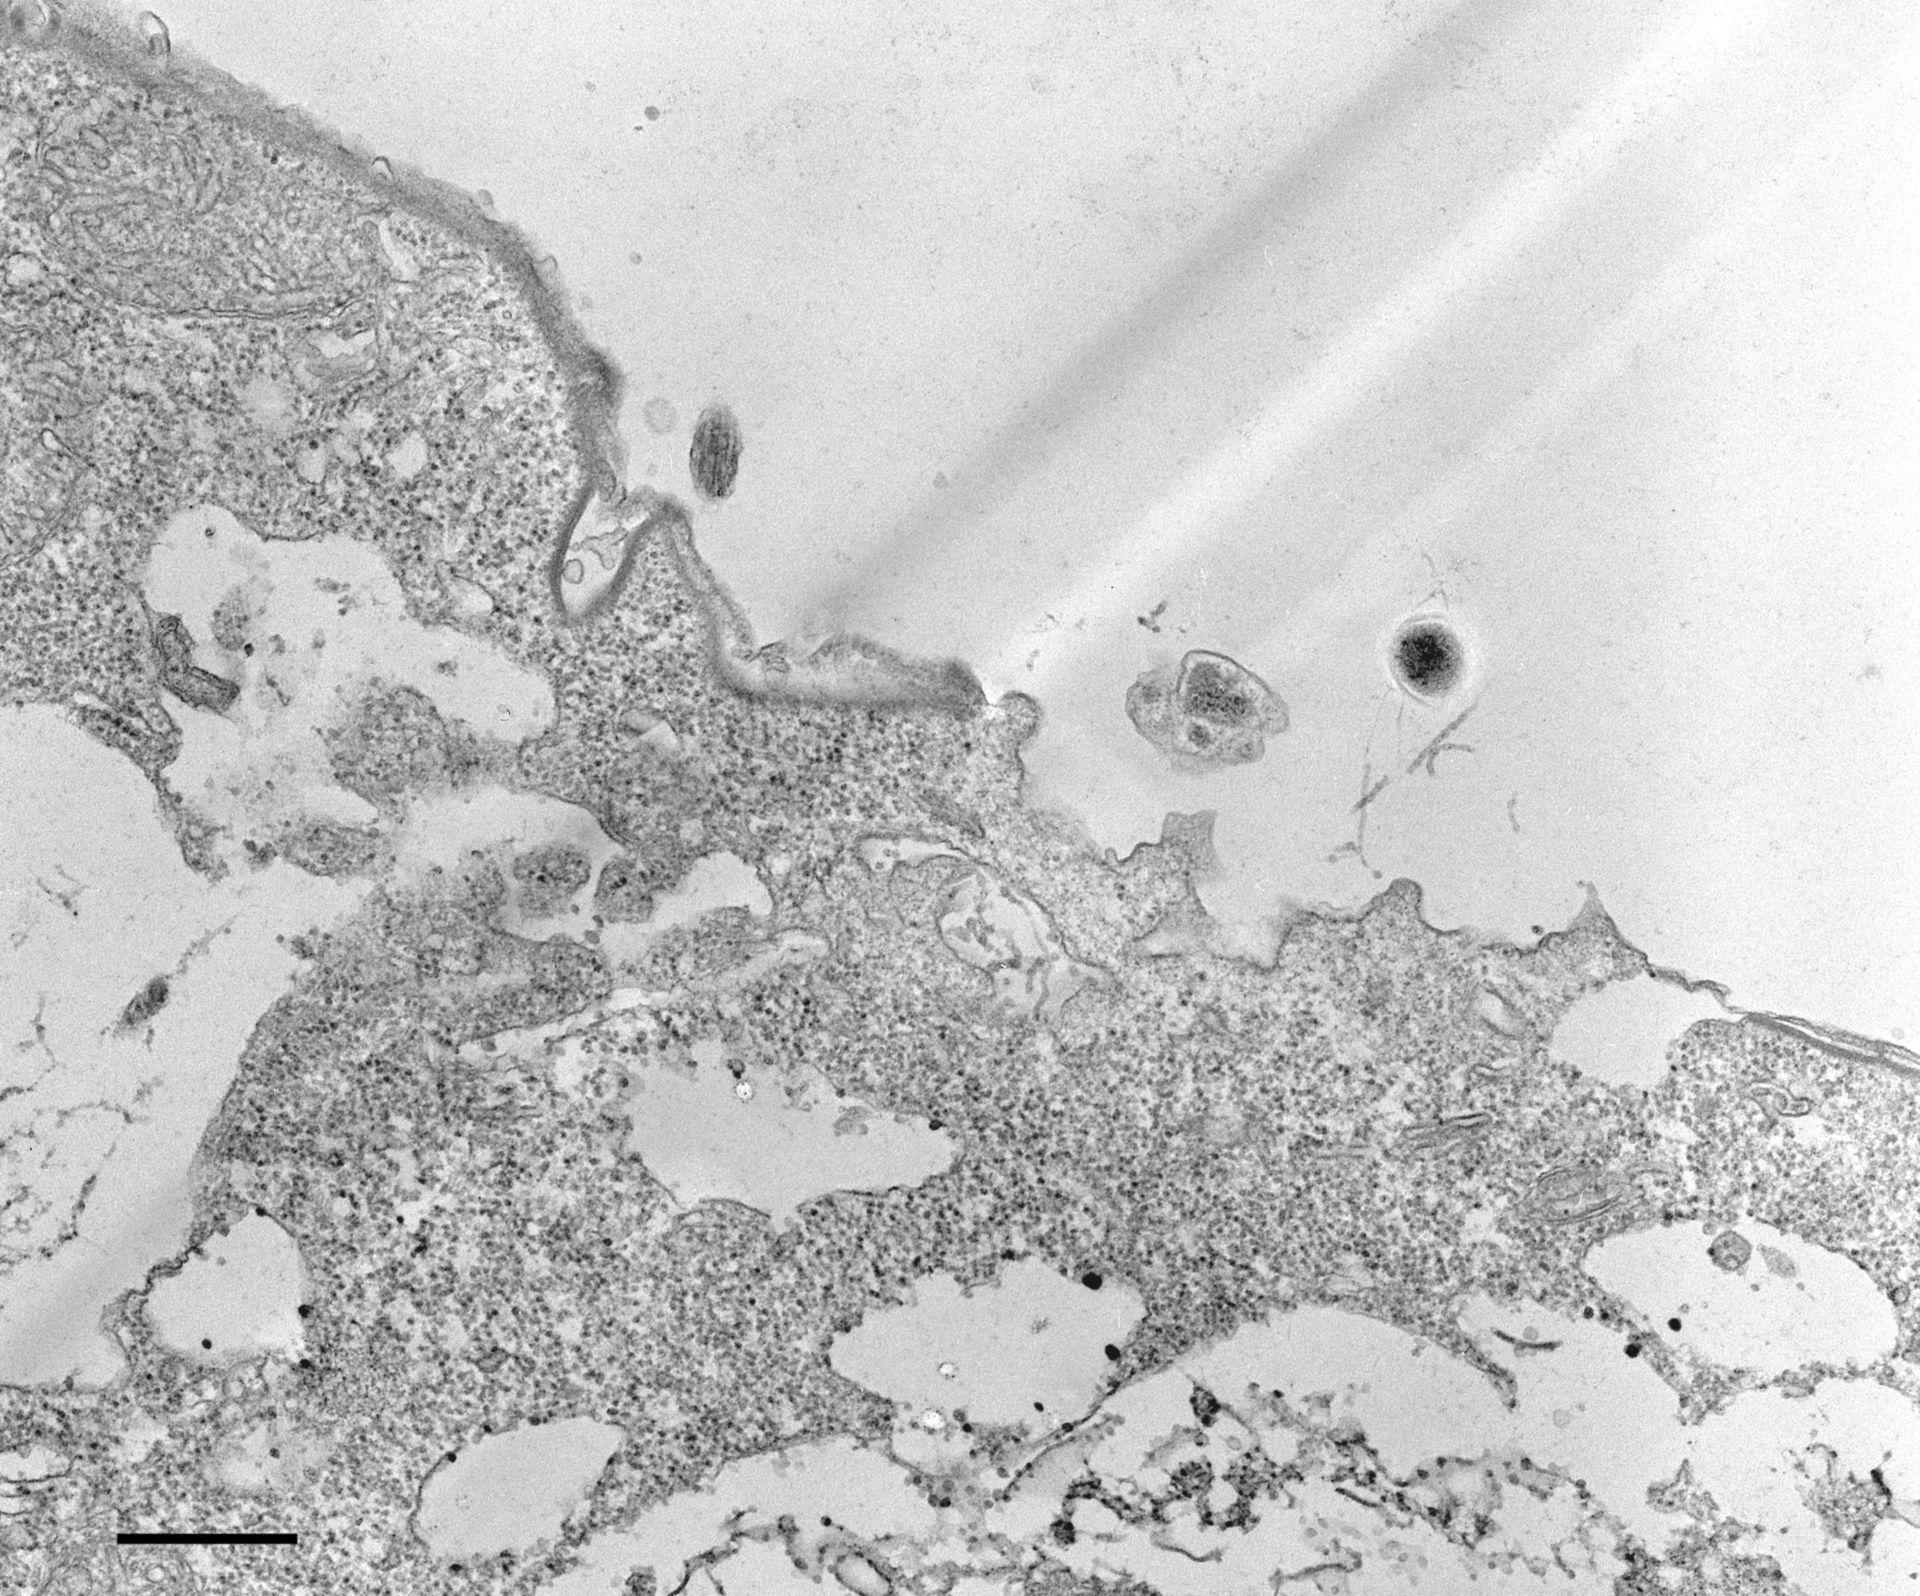 Colpoda cucullus (Cytoproct) - CIL:12111